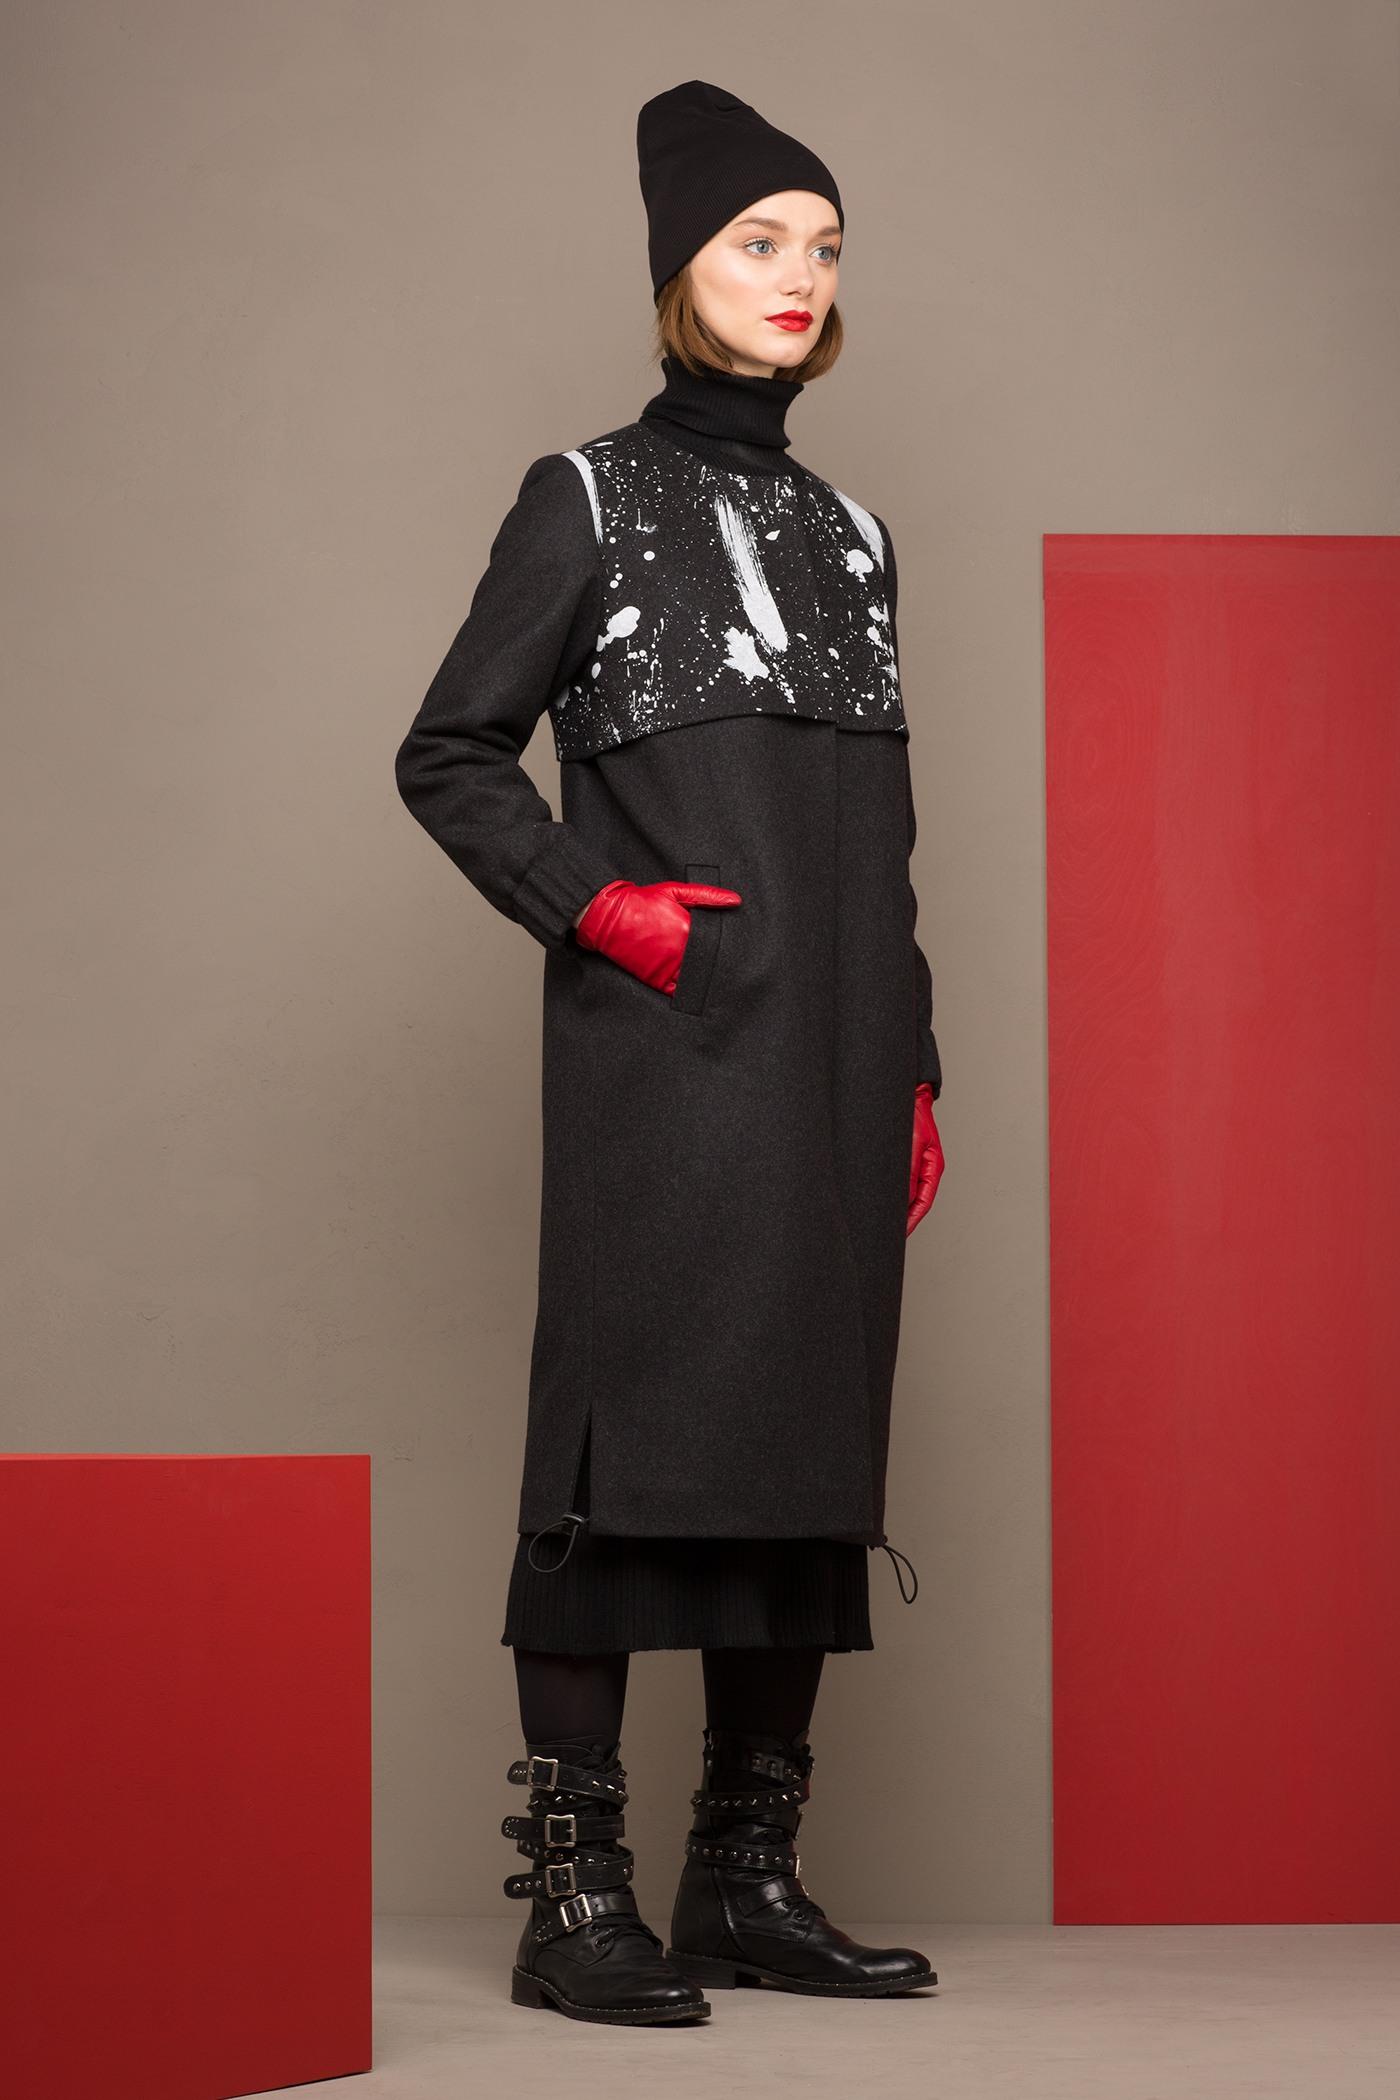 Зимнее пальто-куртка  - АМСТЕРДАМ (22.1)Шерстяное пальто свободного силуэта с декоративным принтованым элементом - отлетной кокеткой. Имеет два боковых кармана. Закрывается на молнию. Рукава на резинке. Конструкция без подплечников. Модель подходит для всех типов фигур - А, Т, О-образных.&#13;<br>&#13;<br>&#13;<br>рекомендуемая сезонность: холодная осень, теплая зима&#13;<br>&#13;<br>данную модель можно НЕ утеплять, 1 слой утеплителя присутствует в базовой комплектации&#13;<br>&#13;<br>шерстяной дышащий утеплитель эффективно сохраняет тепло и при этом не препятствует свободной циркуляции воздуха&#13;<br>&#13;<br>утеплитель - не съемный, вшивается на этапе сборки между основной тканью и подкладочной&#13;<br>&#13;<br>длина по спинке размера S при росте 158-164 см: 101 см, 164-170 см: 105 см, 170-176 см: 109 см&#13;<br>&#13;<br>&#13;<br>* Внимание! Ощущение тепла - очень индивидуально и зависит от множества факторов (влажность, ветер, индивидуальные особенности, прочая одежда на человеке итд.), поэтому мы не можем гарантировать, что каждому будет комфортен указанный диапазон температур. Поэтому учитывайте, пожалуйста, эти детали при формировании заказа.&#13;<br>&#13;<br>** Возможная погрешность в длинах готового изделия составляет не более 2-3%&#13;<br>&#13;<br>*** Если у вас остались вопросы, пишите нам на электронную почту asyamalbershtein@gmail.com или звоните по номеру +7 (812) 649-17-99, мы постараемся ответить на ваши вопросы и помочь определиться вам с выбором или размерной сеткой наших изделий.<br><br>Цвет: Серый темный<br>Размер: M<br>Ростовка: 164 -170